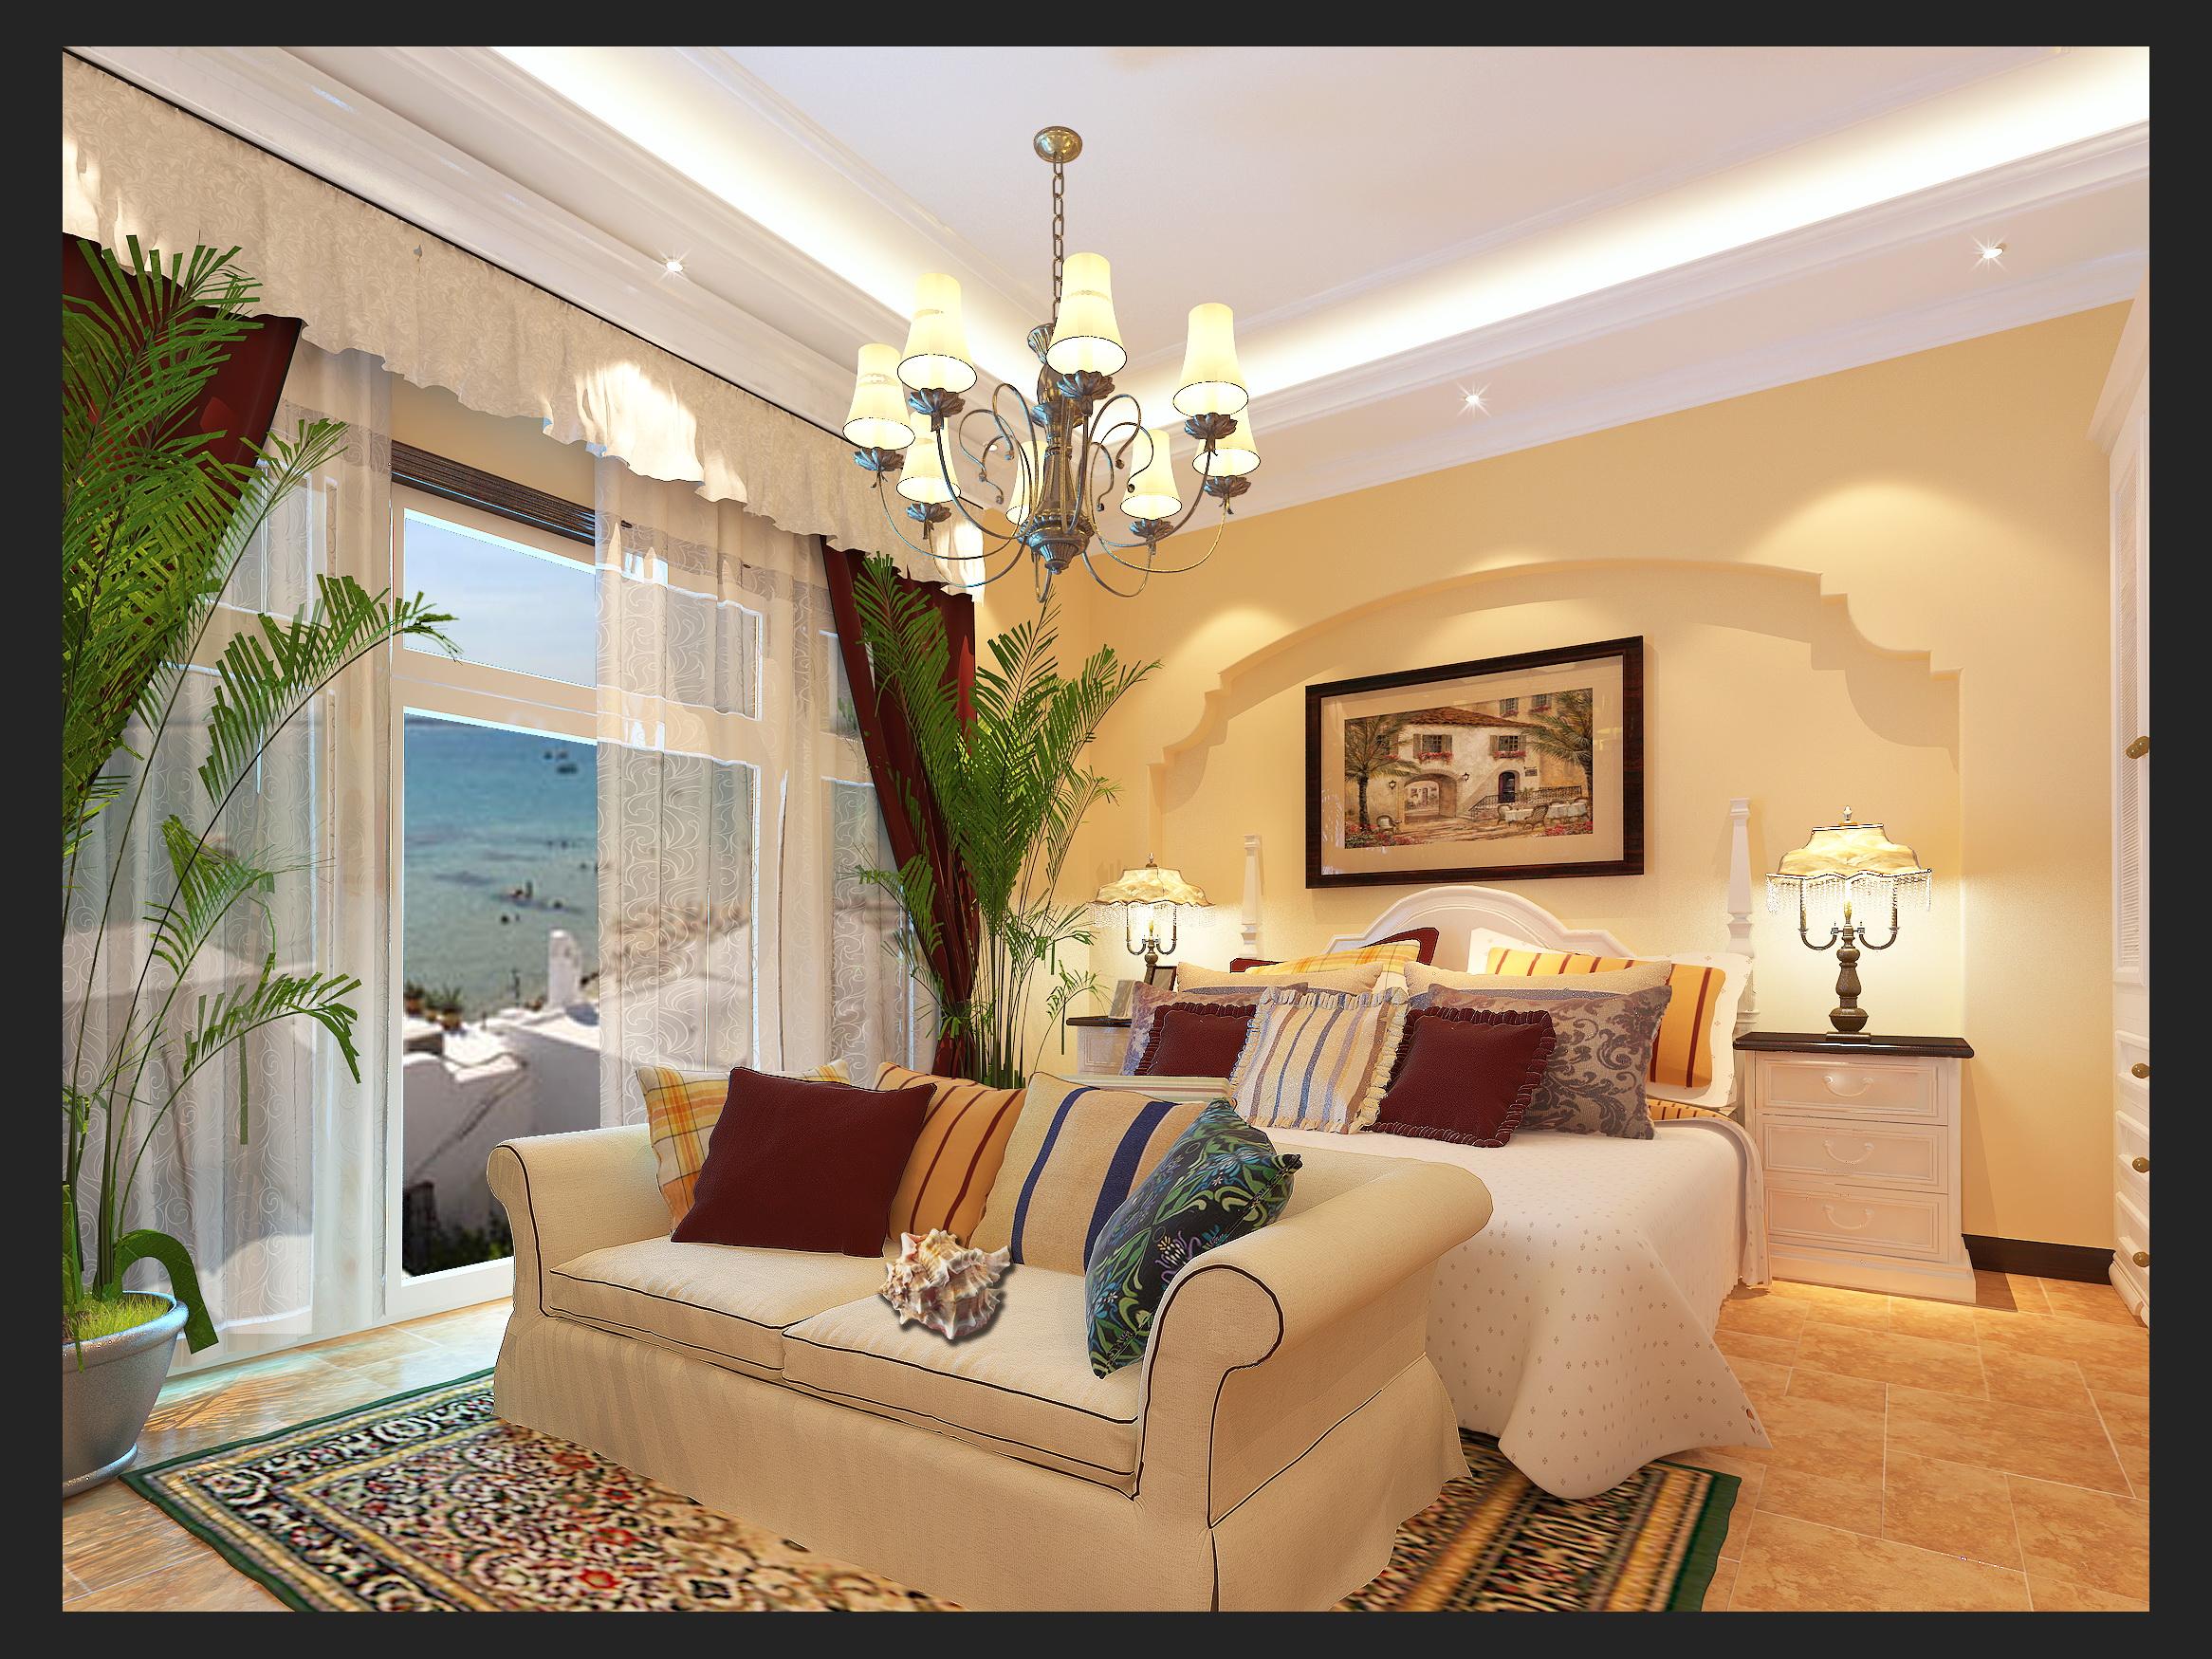 卧室 客厅 餐厅图片来自苏簌在方庄南路地中海风格的分享